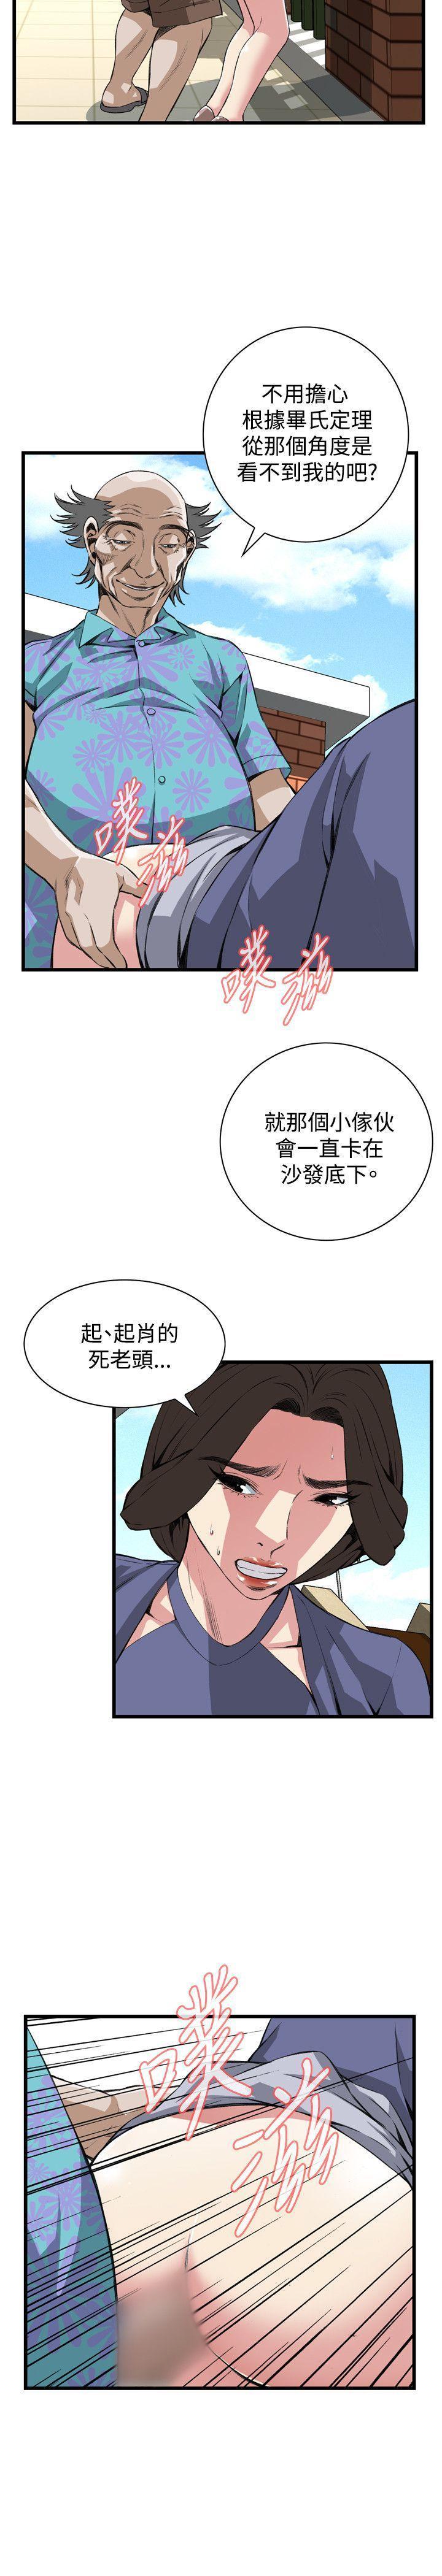 偷窥72-93 Chinese Rsiky 141